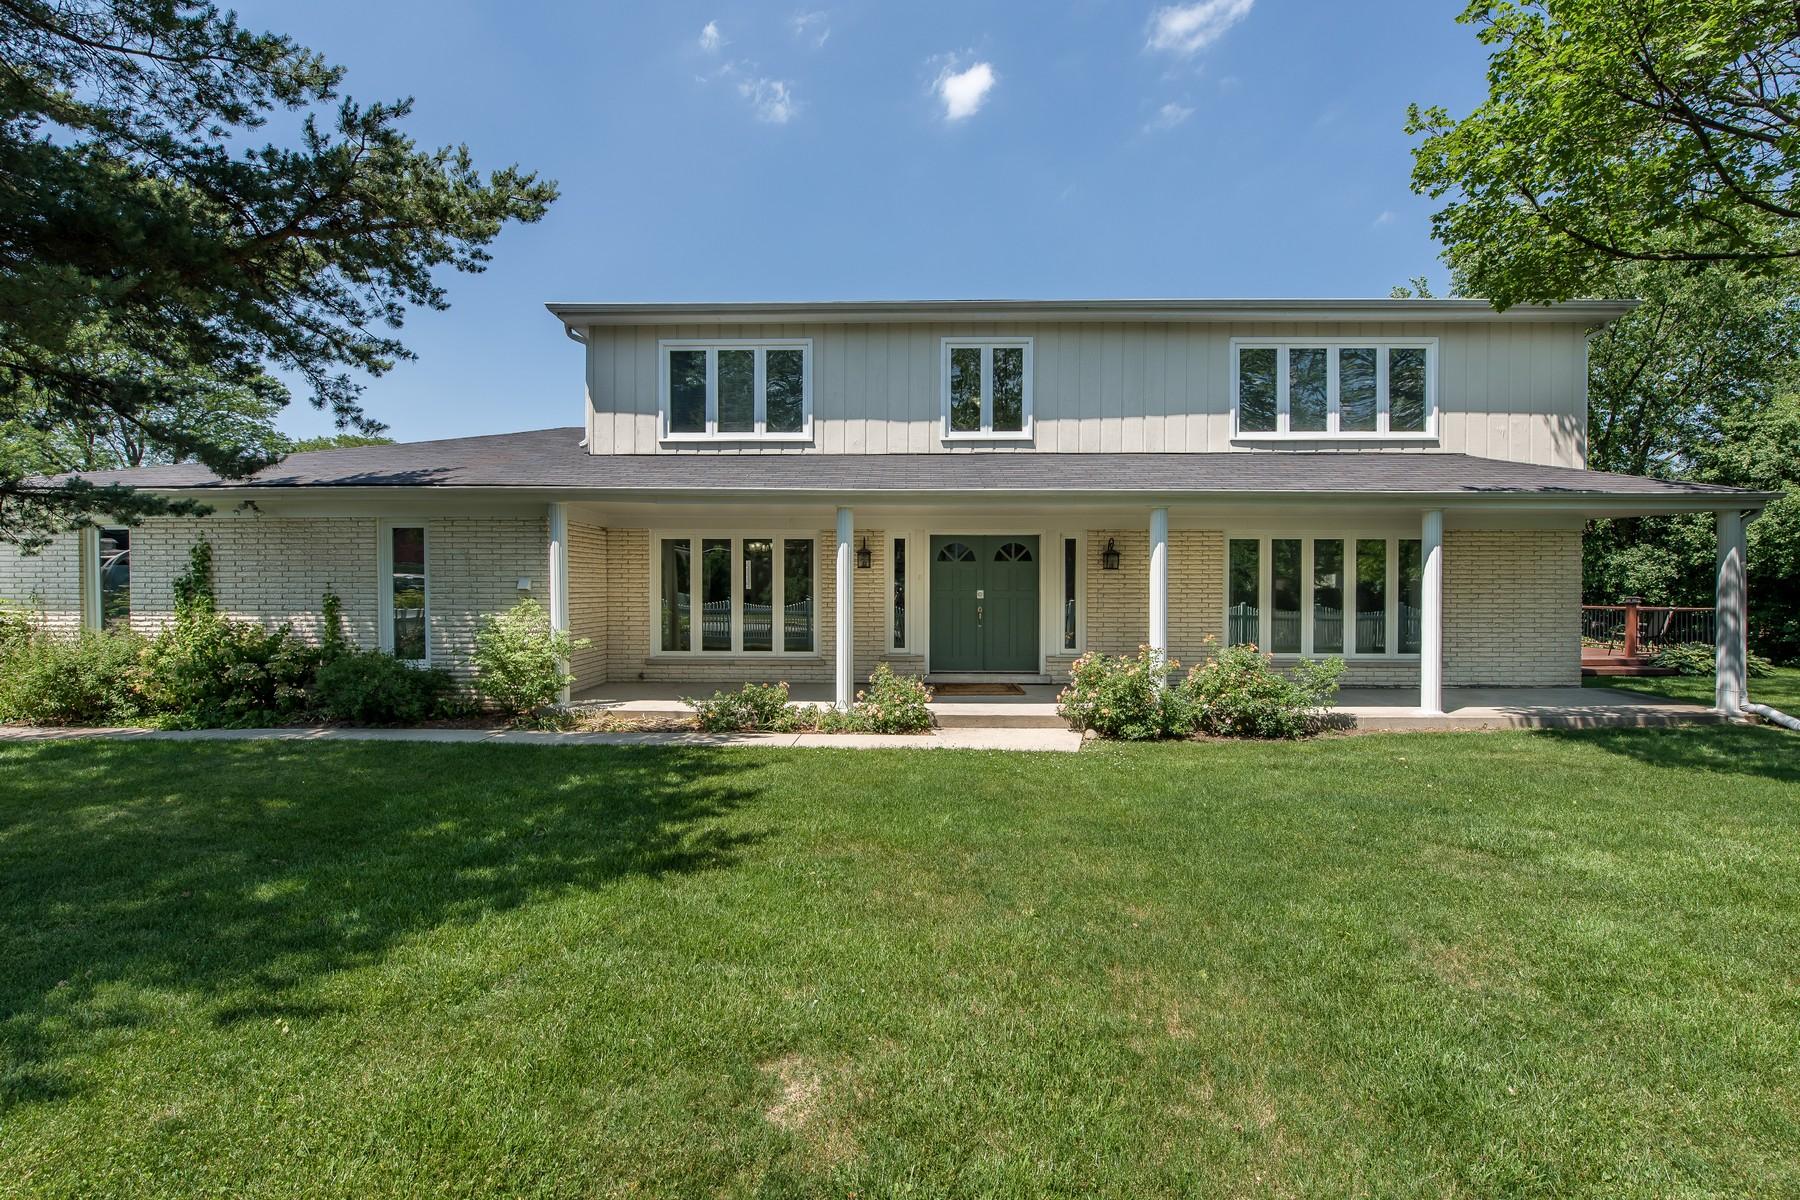 Частный односемейный дом для того Продажа на Spacious Two Story Home 2736 Glenview Road Glenview, Иллинойс, 60025 Соединенные Штаты